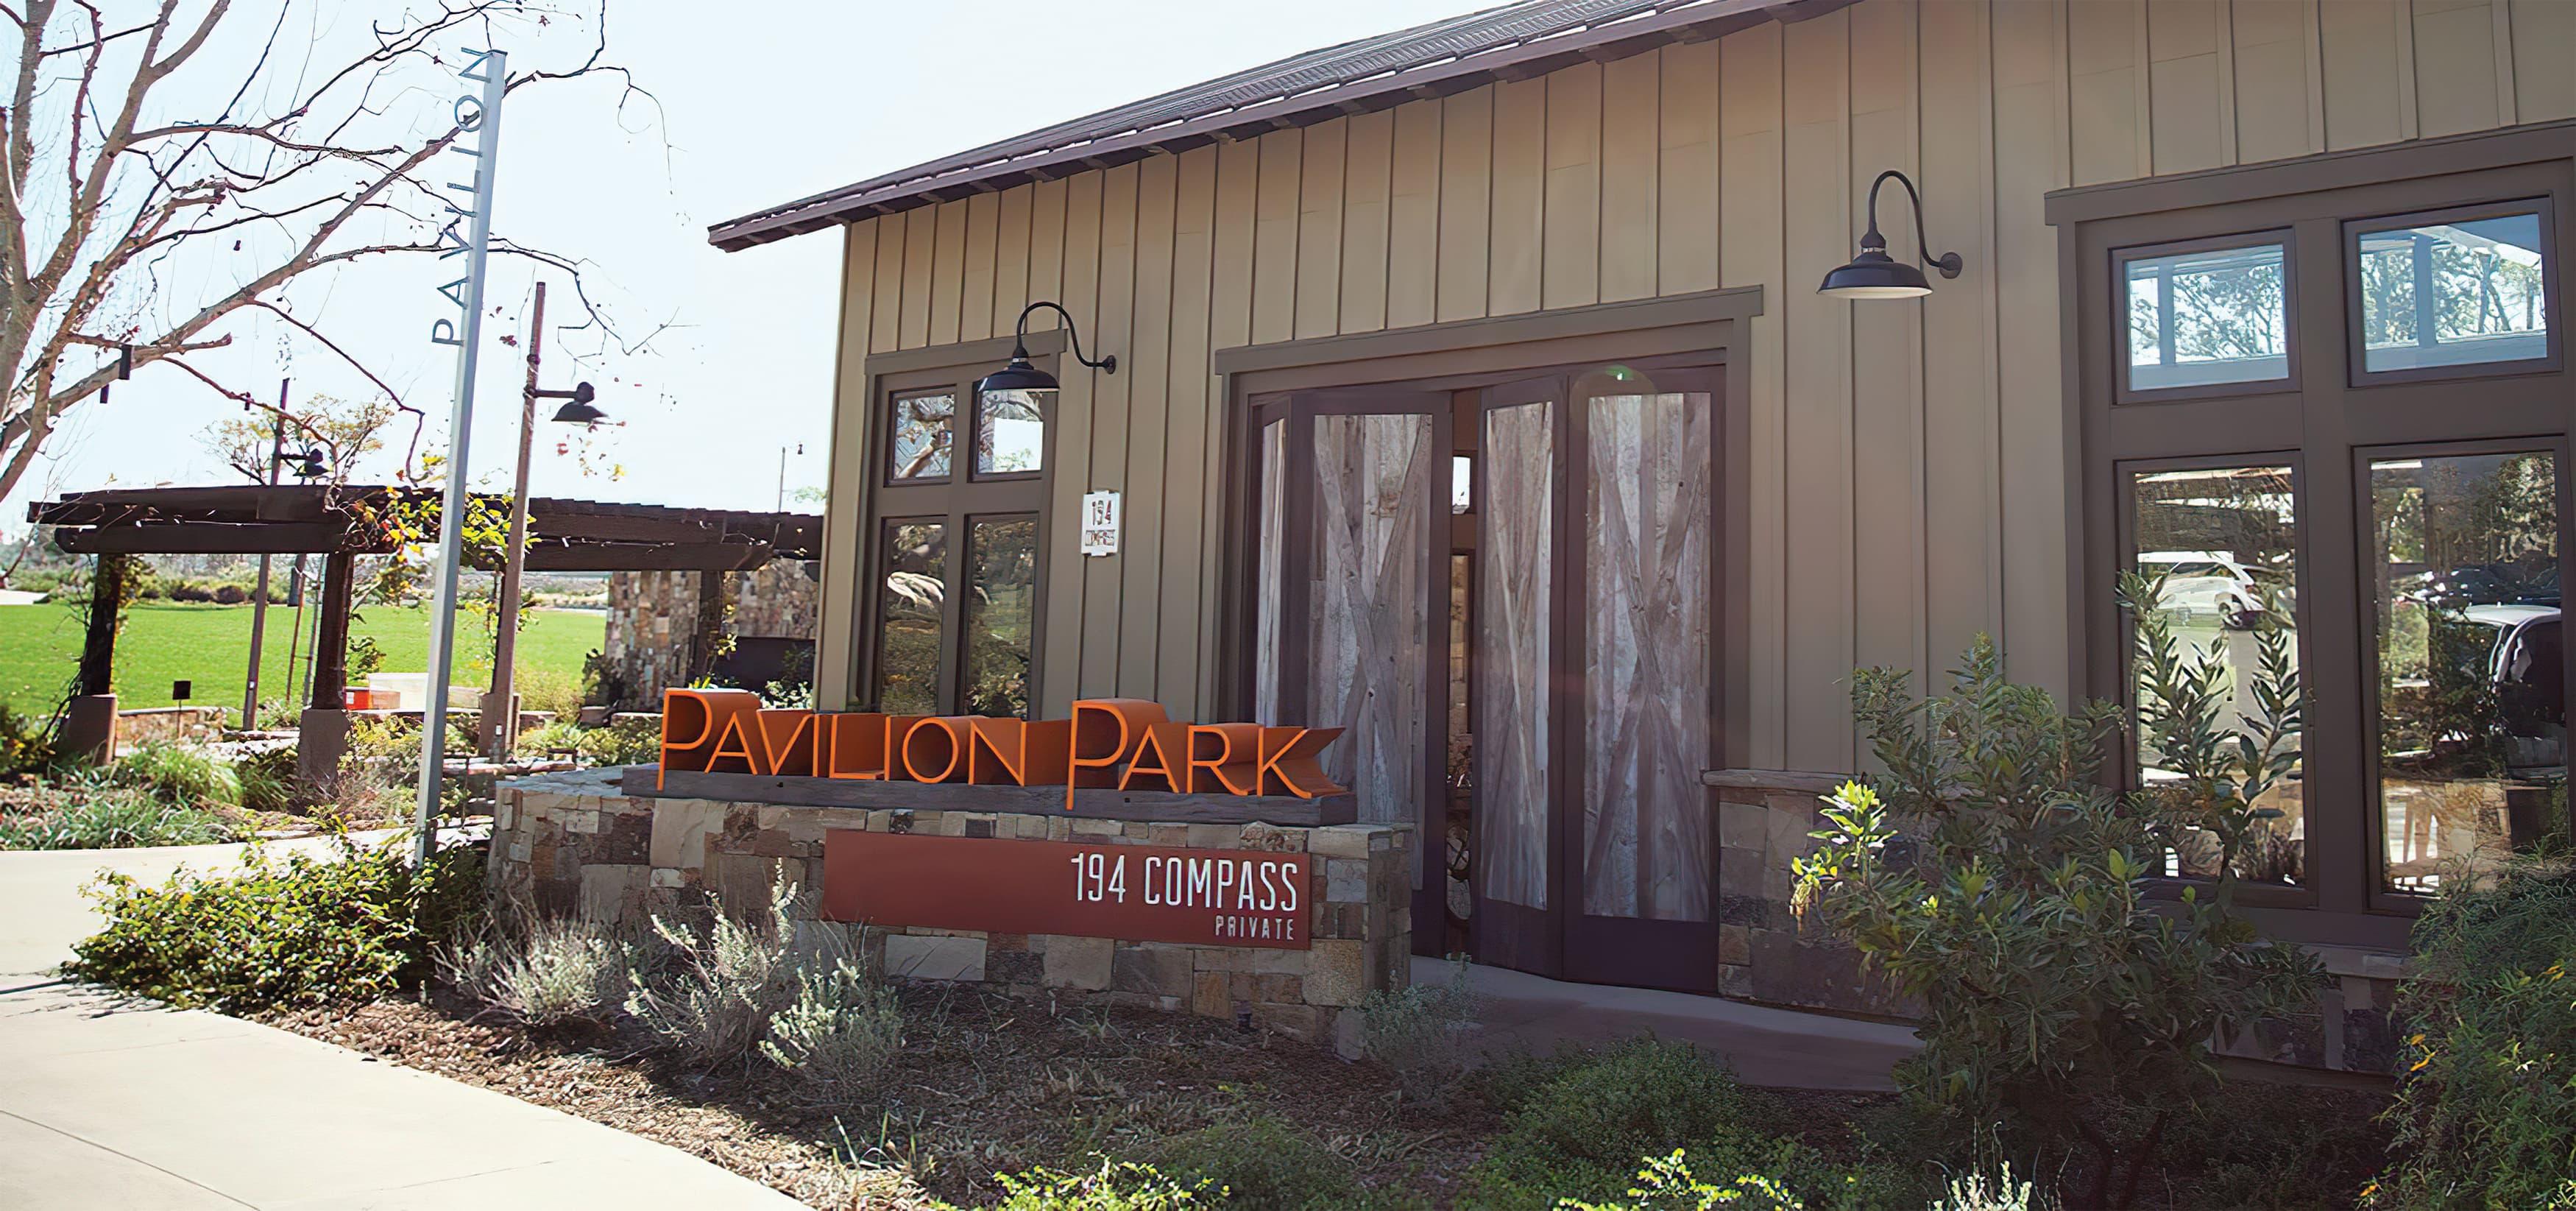 Pavilion Park. Irvine Great Park. Residential Community Park Design. Park Signage.